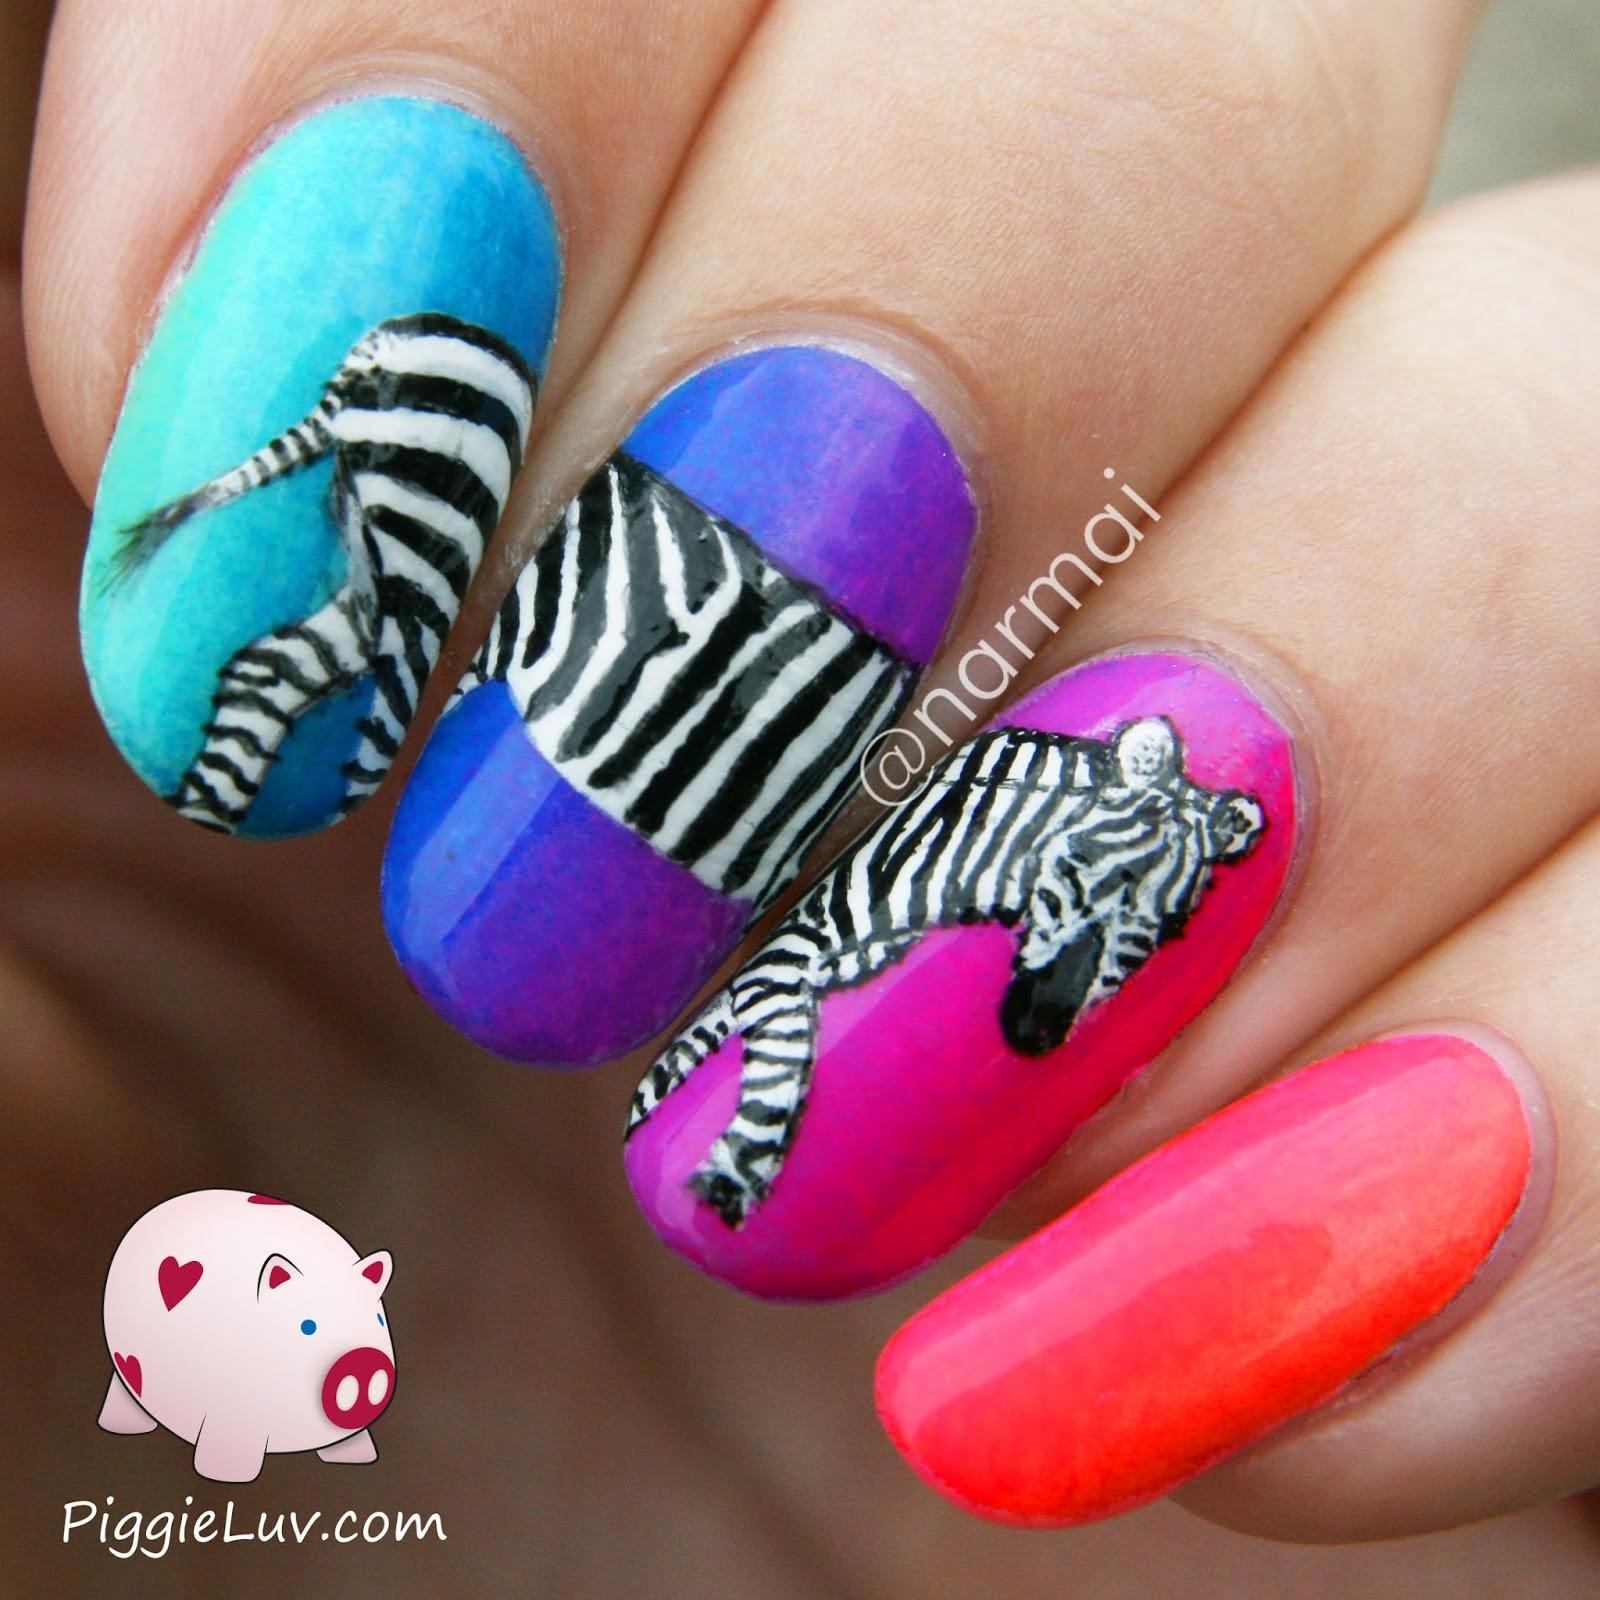 Piggieluv Zebra Nail Art On Neon Gradient